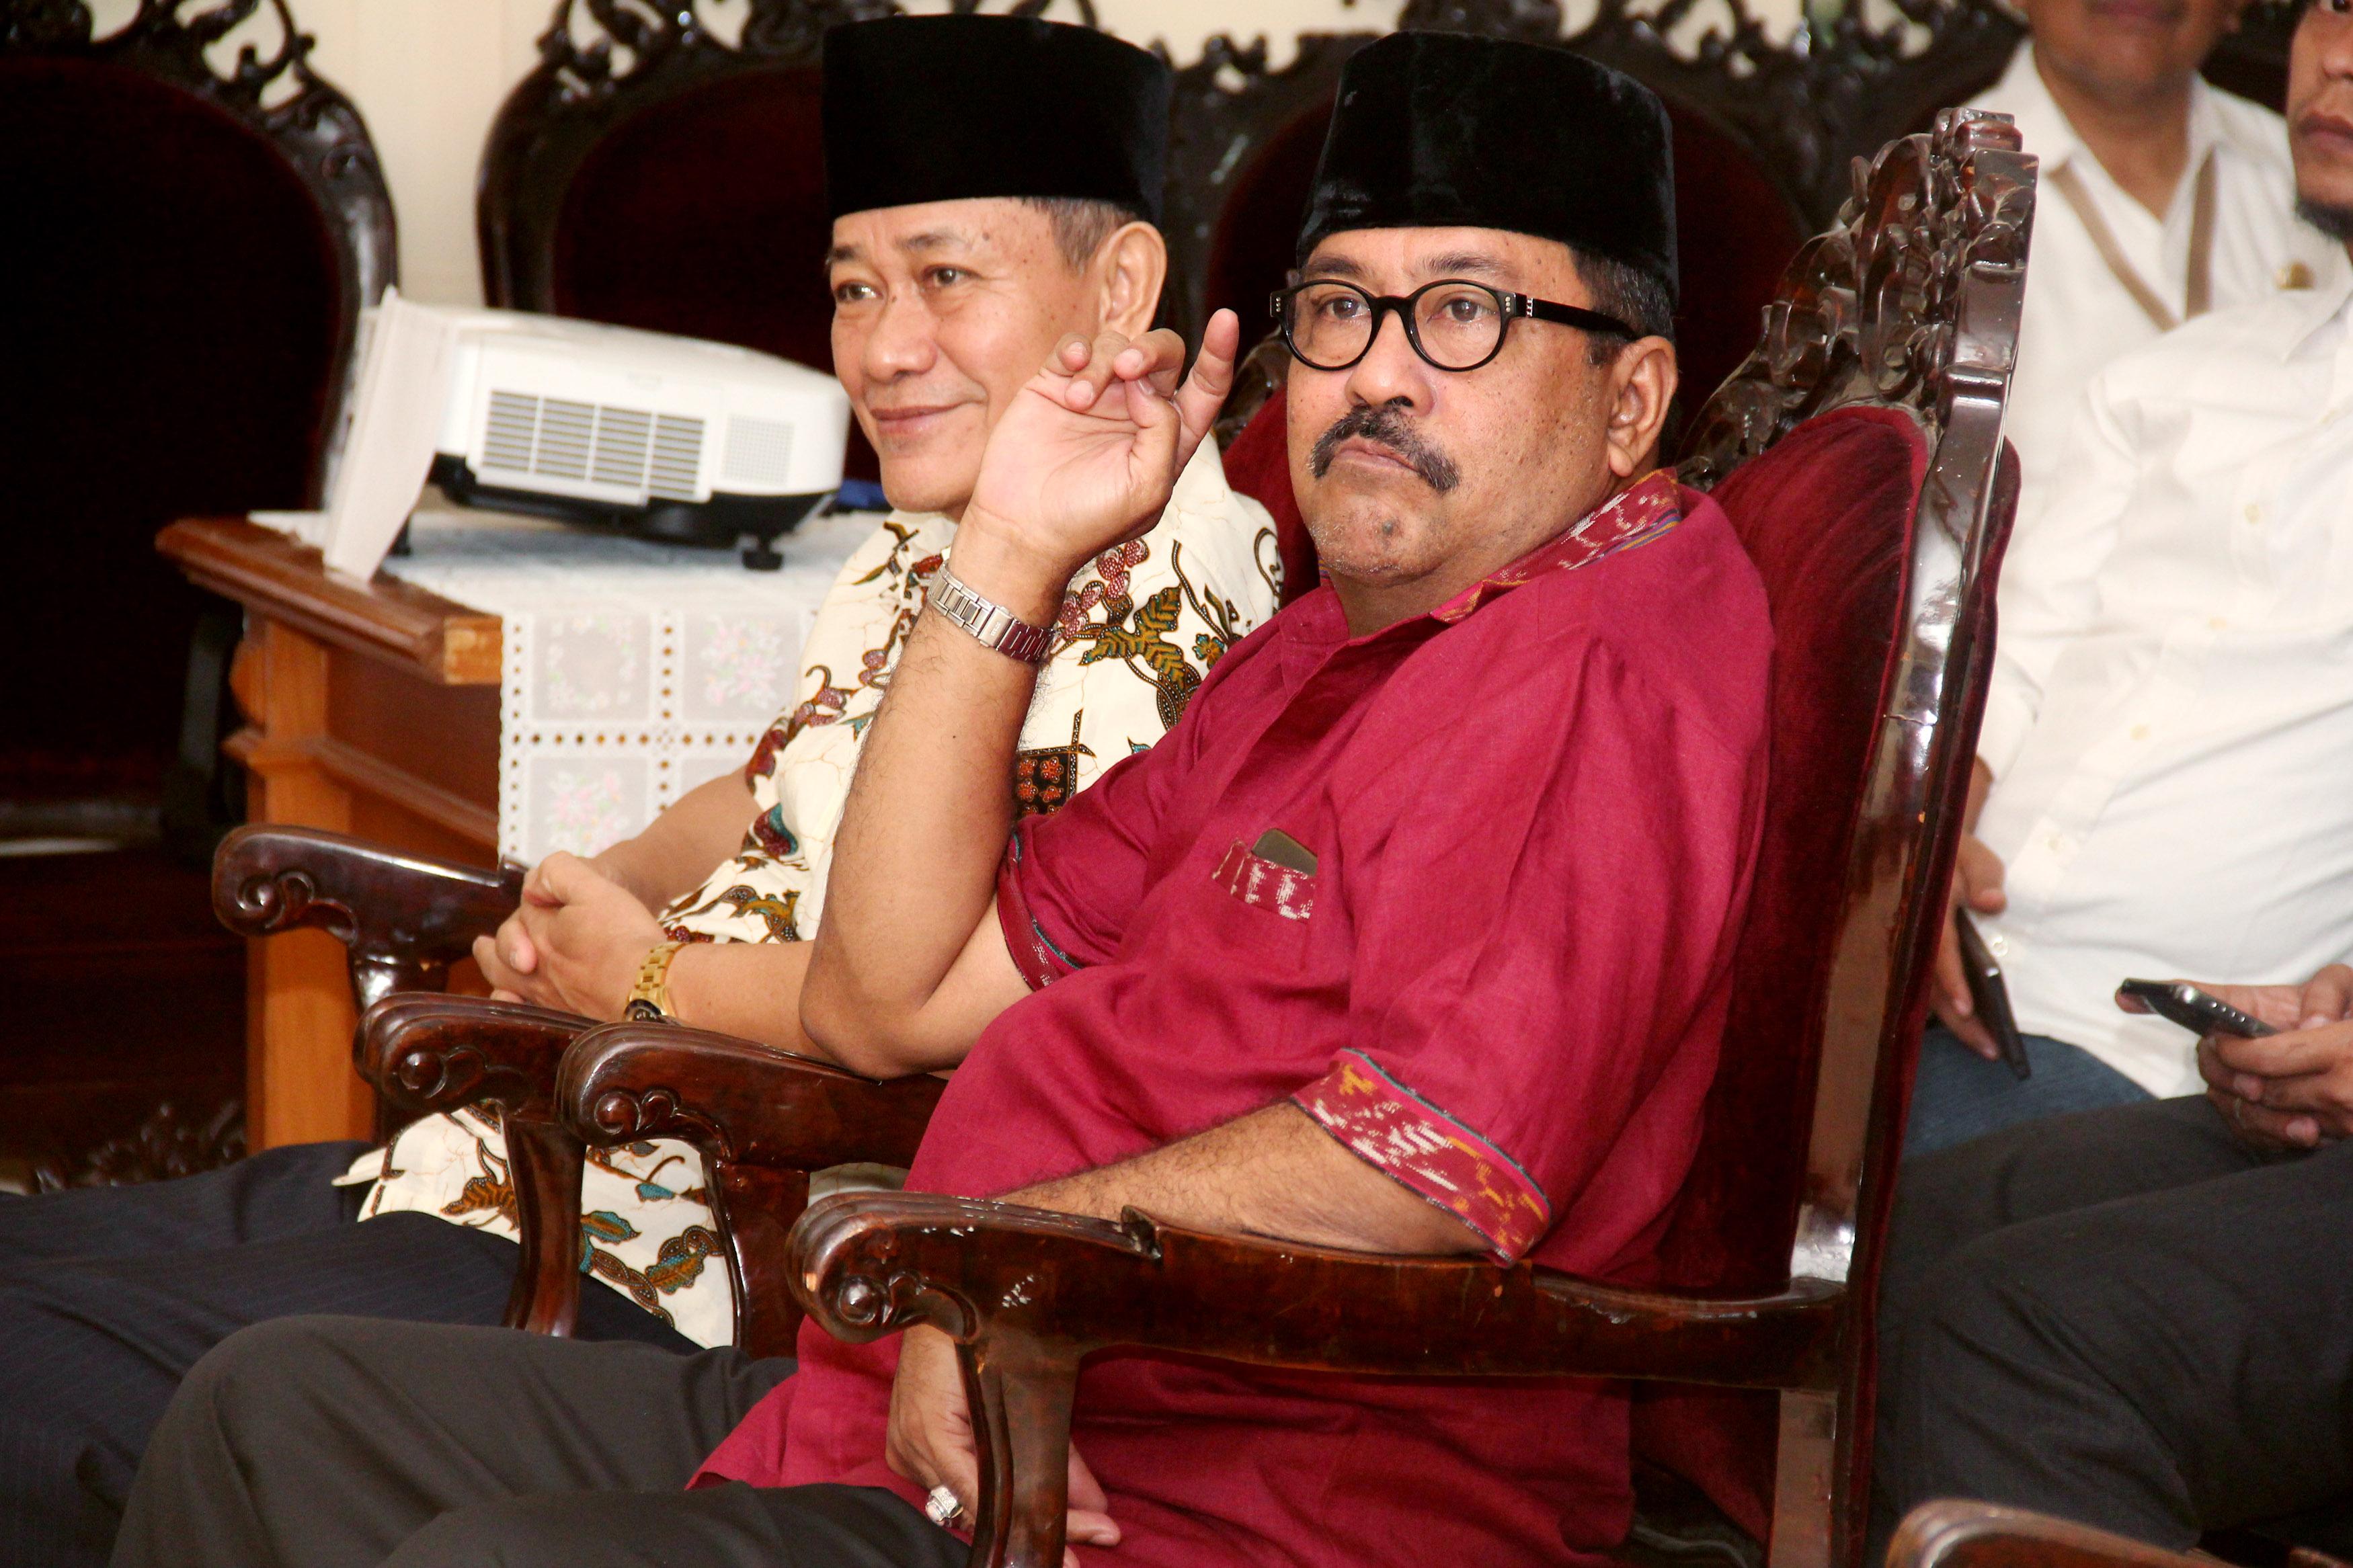 Pasangan bakal cagub dan cawagub Banten Rano Karno (kanan) dan Embay Mulya Syarif (kiri) saat jalani tes kesehatan pada 24 September 2016. Foto oleh Asep Fathulrahman/Antara